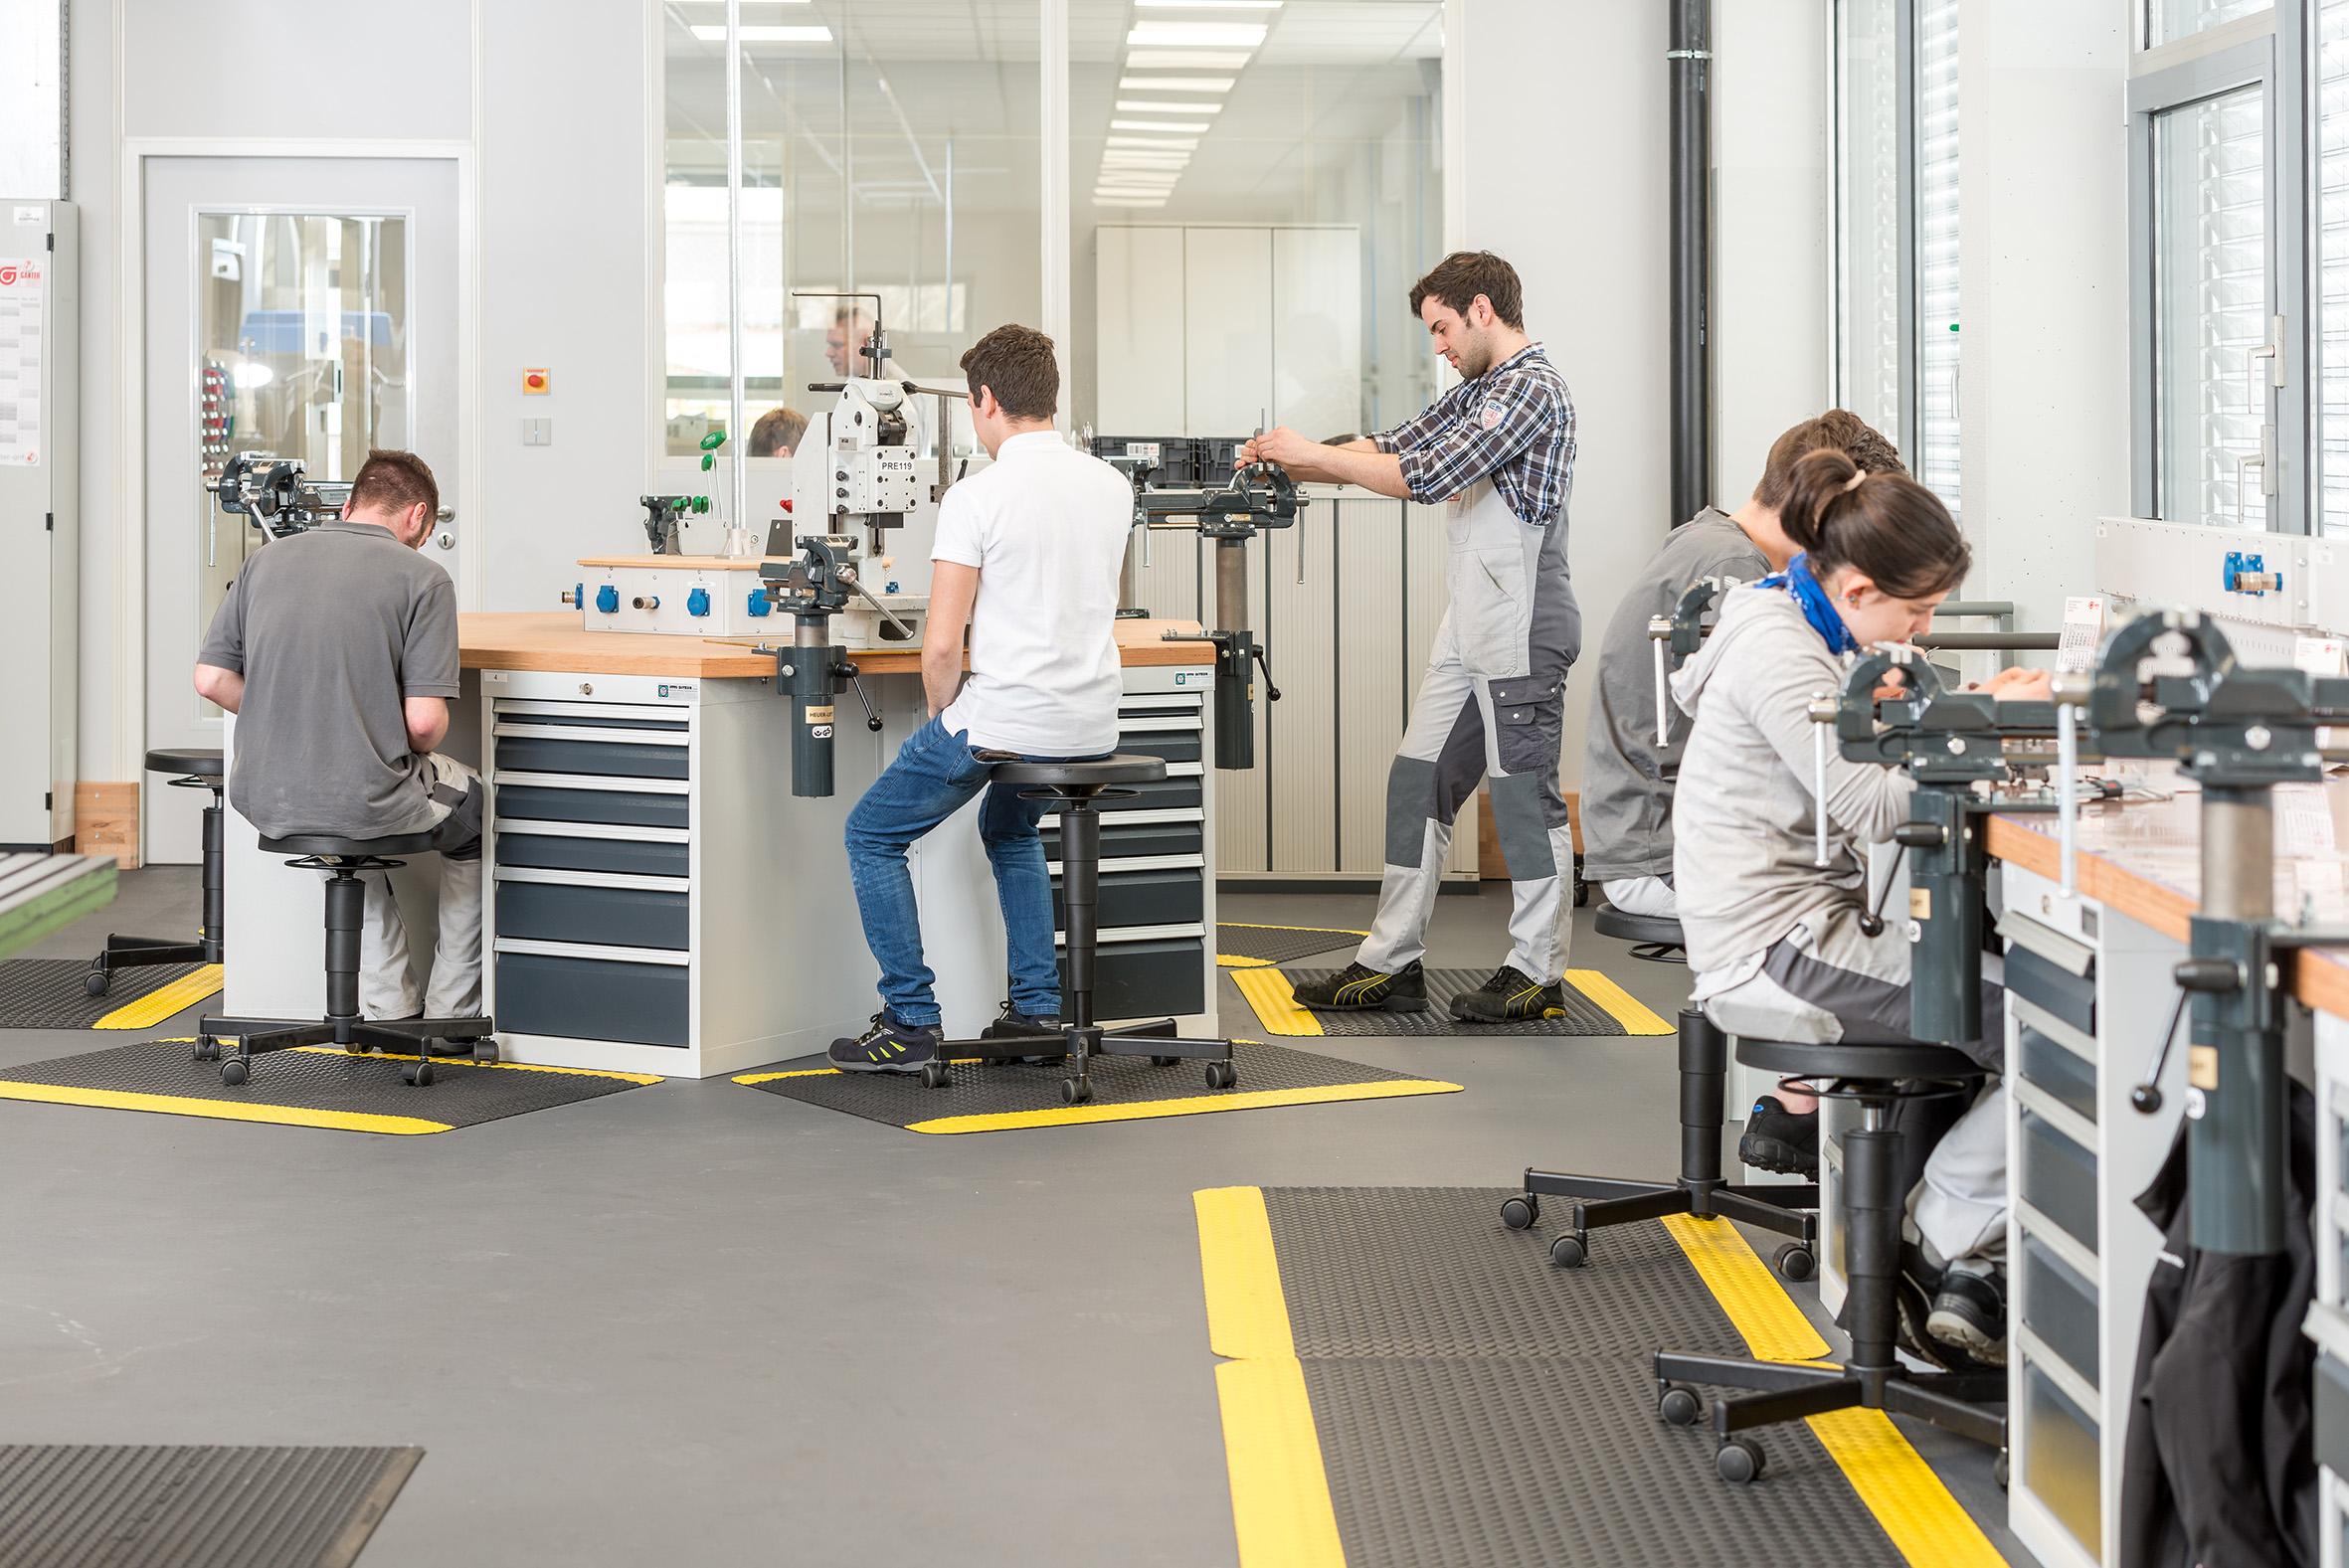 bedrunka hirth Hocker Stehhilfen Stühle Werkstatt Fertigung Produktion